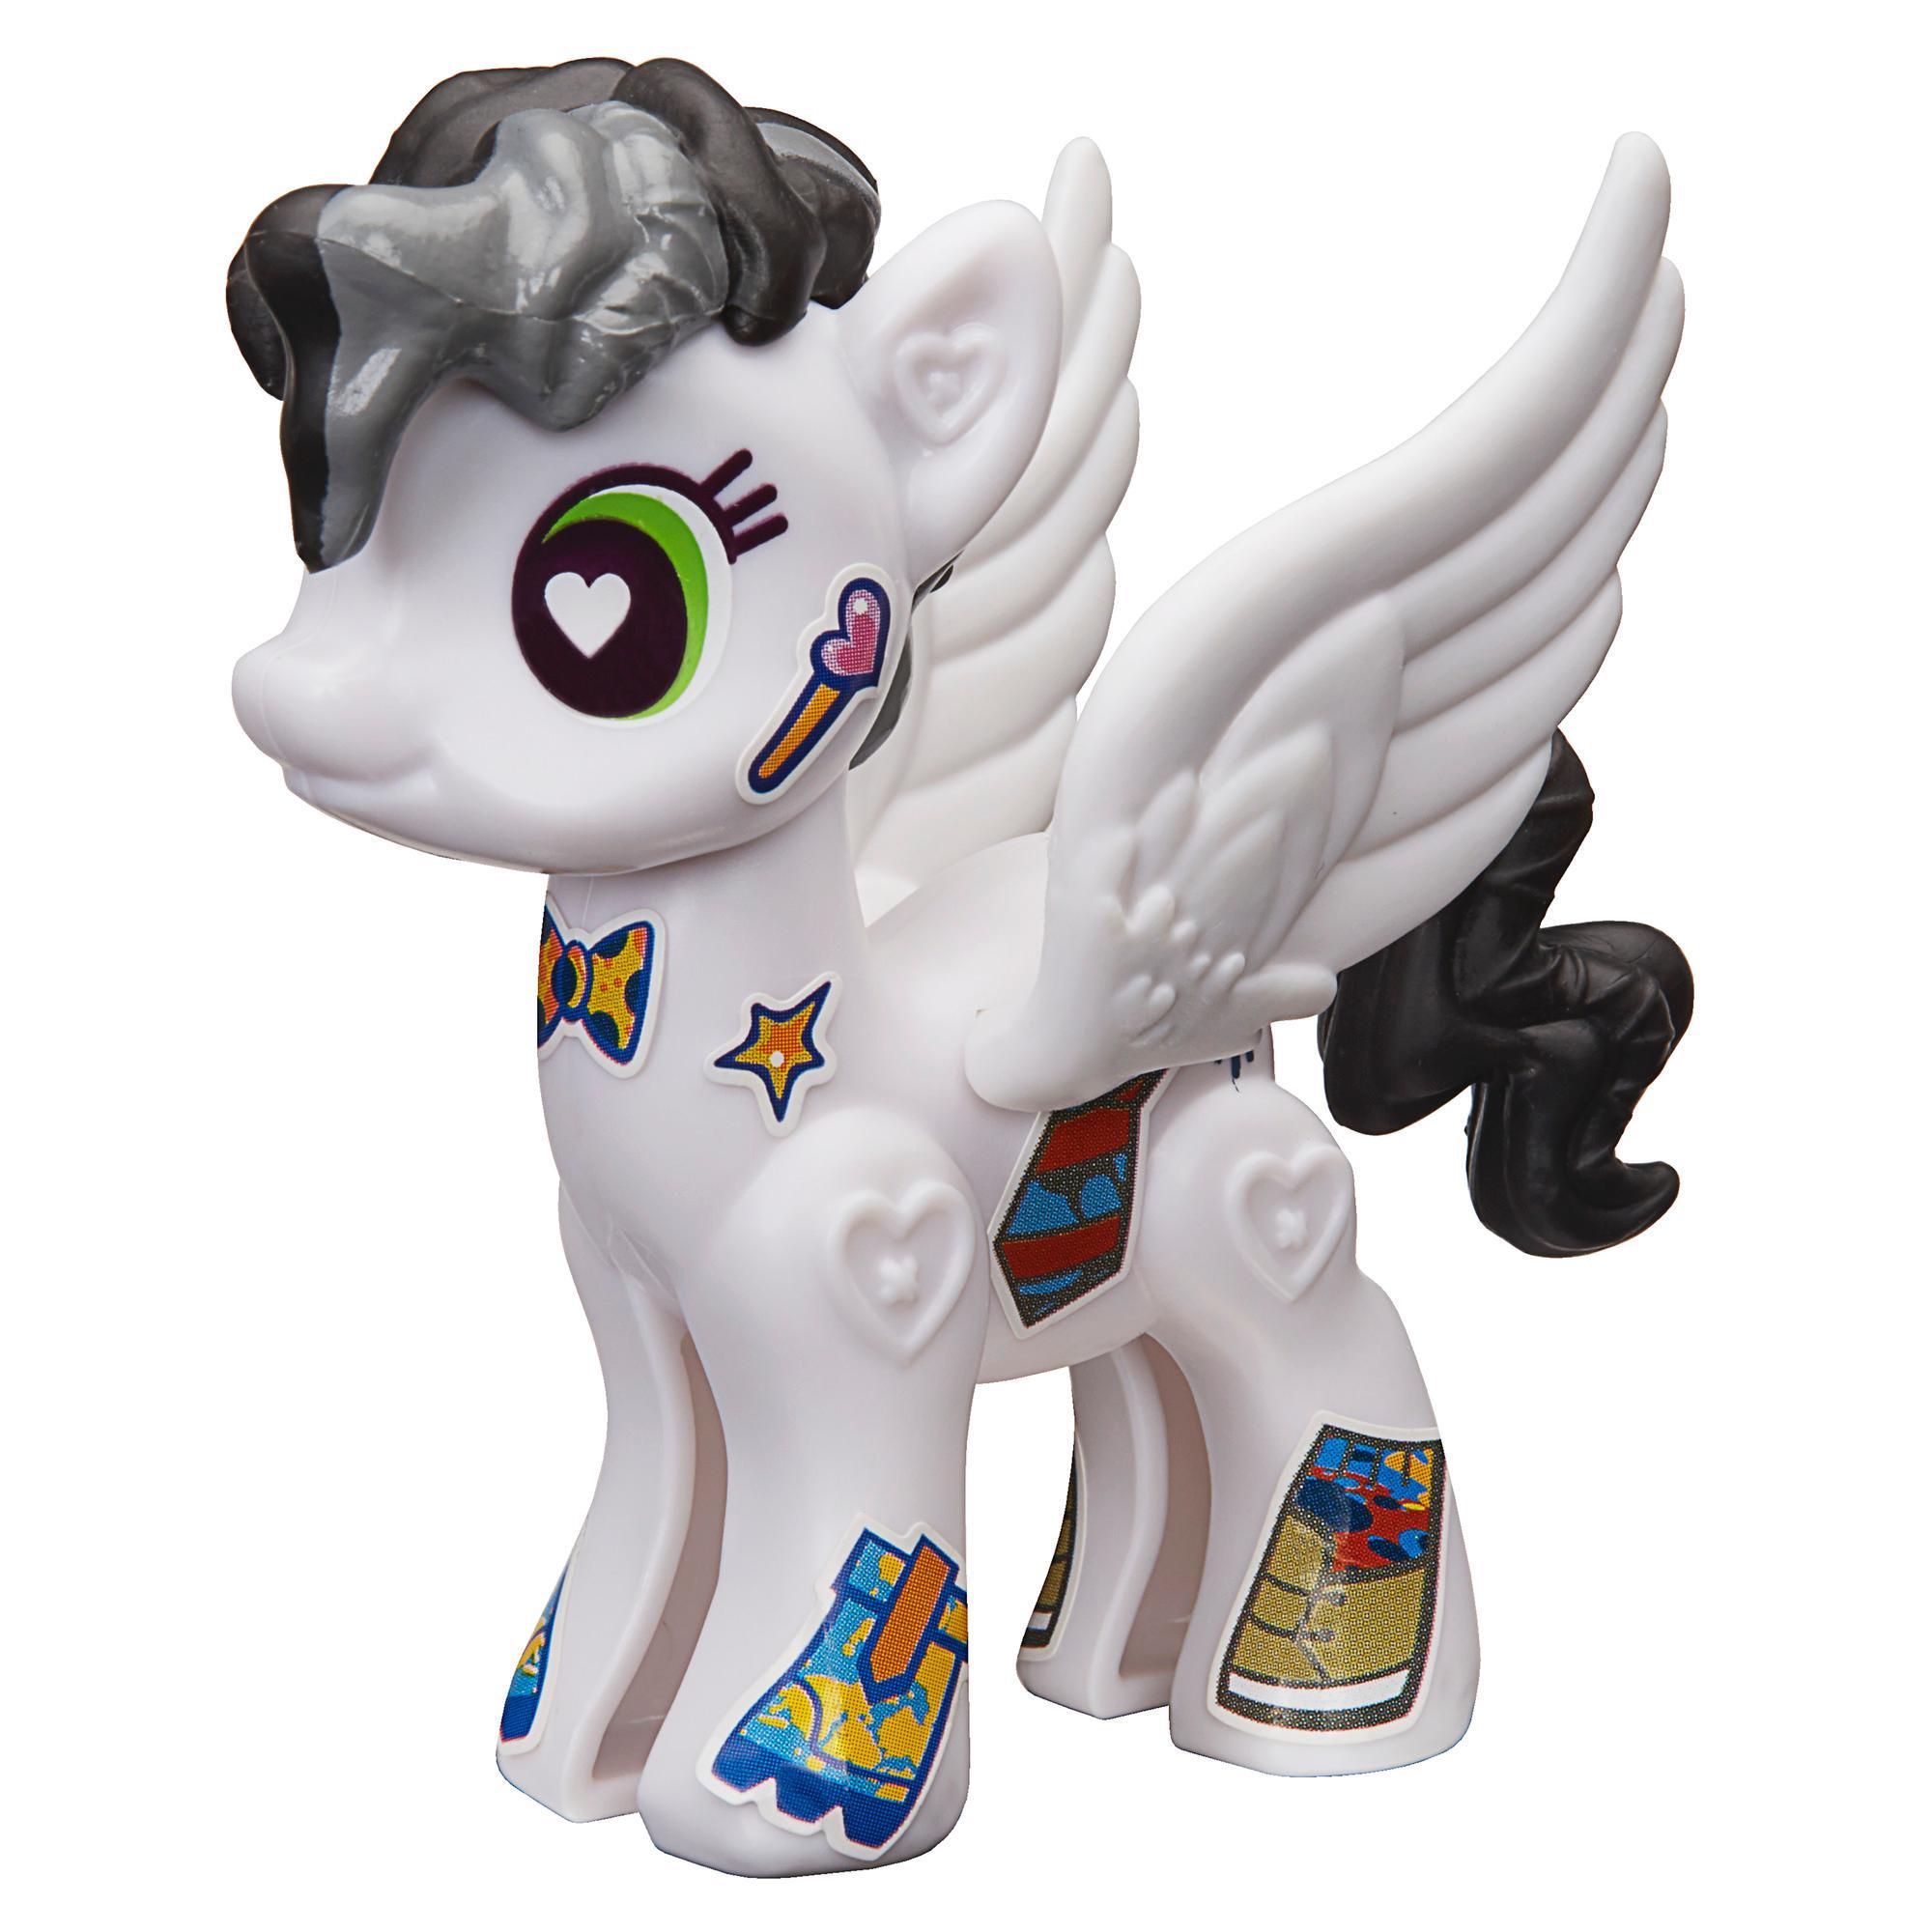 Игровой набор My Little Pony: Создай свою пони - Старри АйсМоя маленькая пони (My Little Pony)<br>Игровой набор My Little Pony: Создай свою пони - Старри Айс<br>